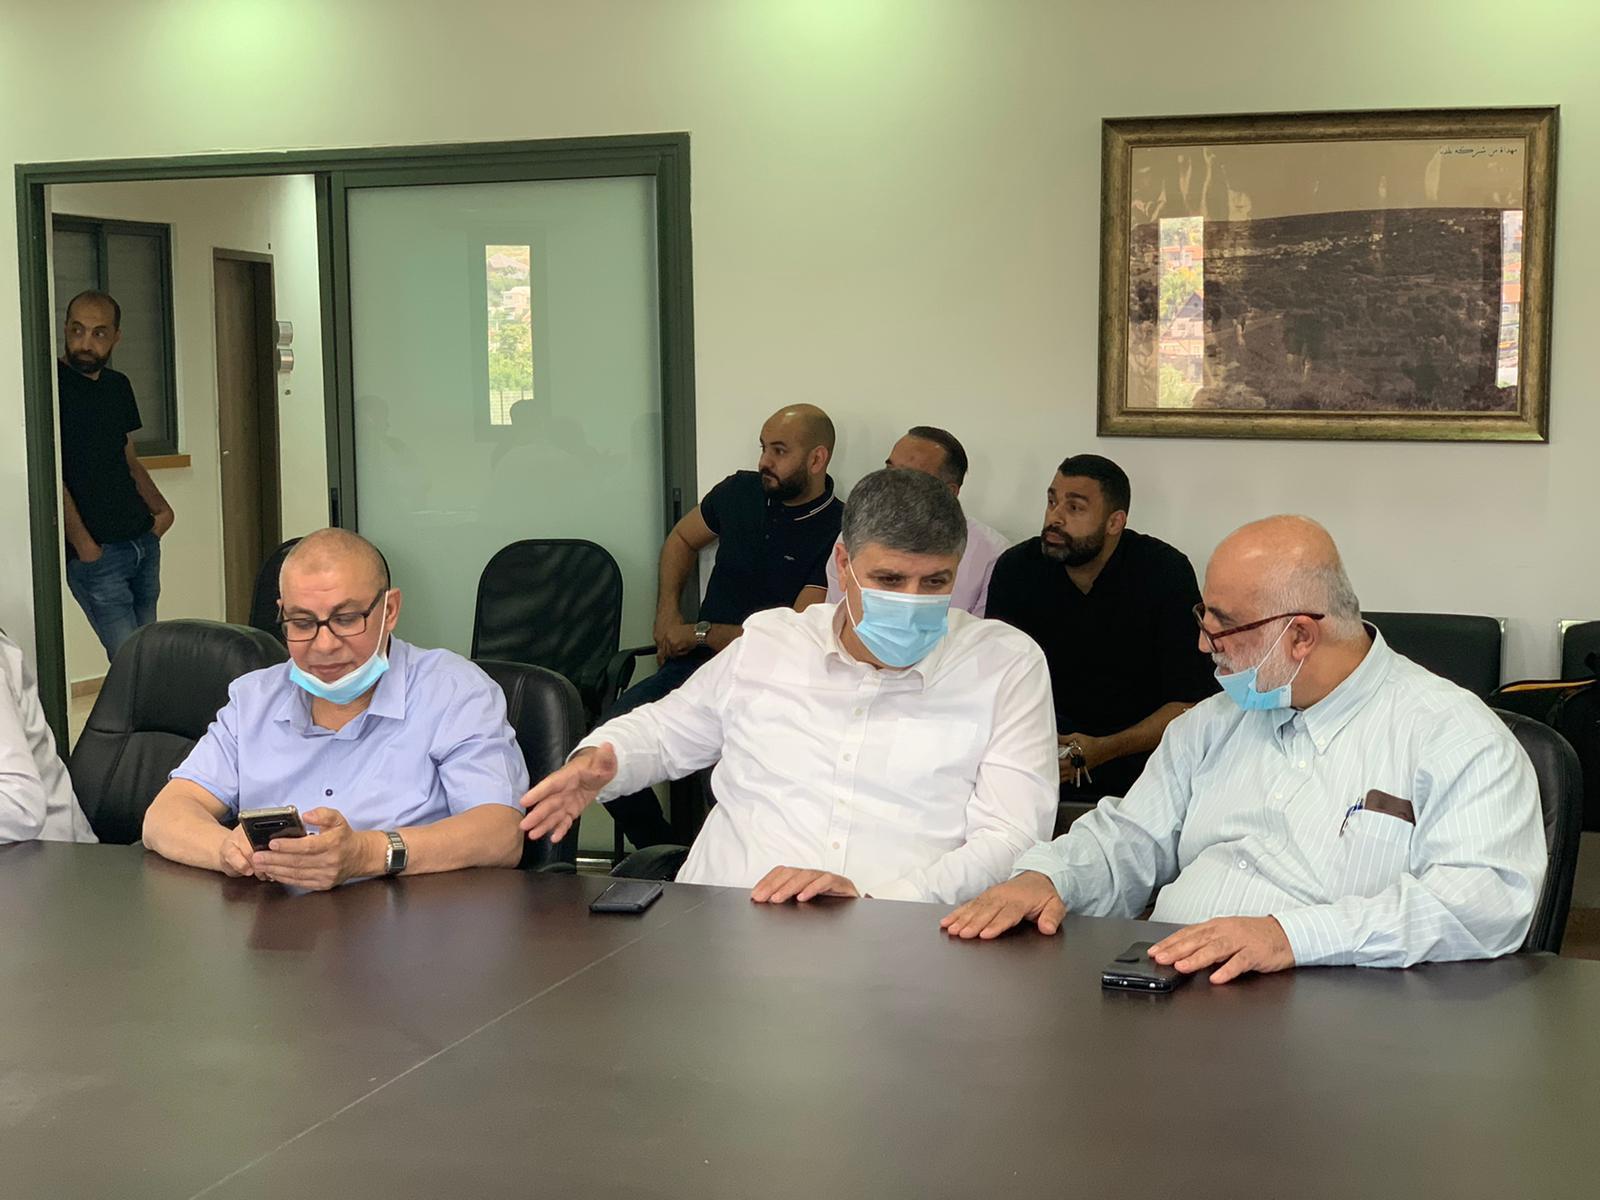 ردًّا على إعدام يونس: المتابعة تدعو لمظاهرة قطريّة الأحد المُقبل